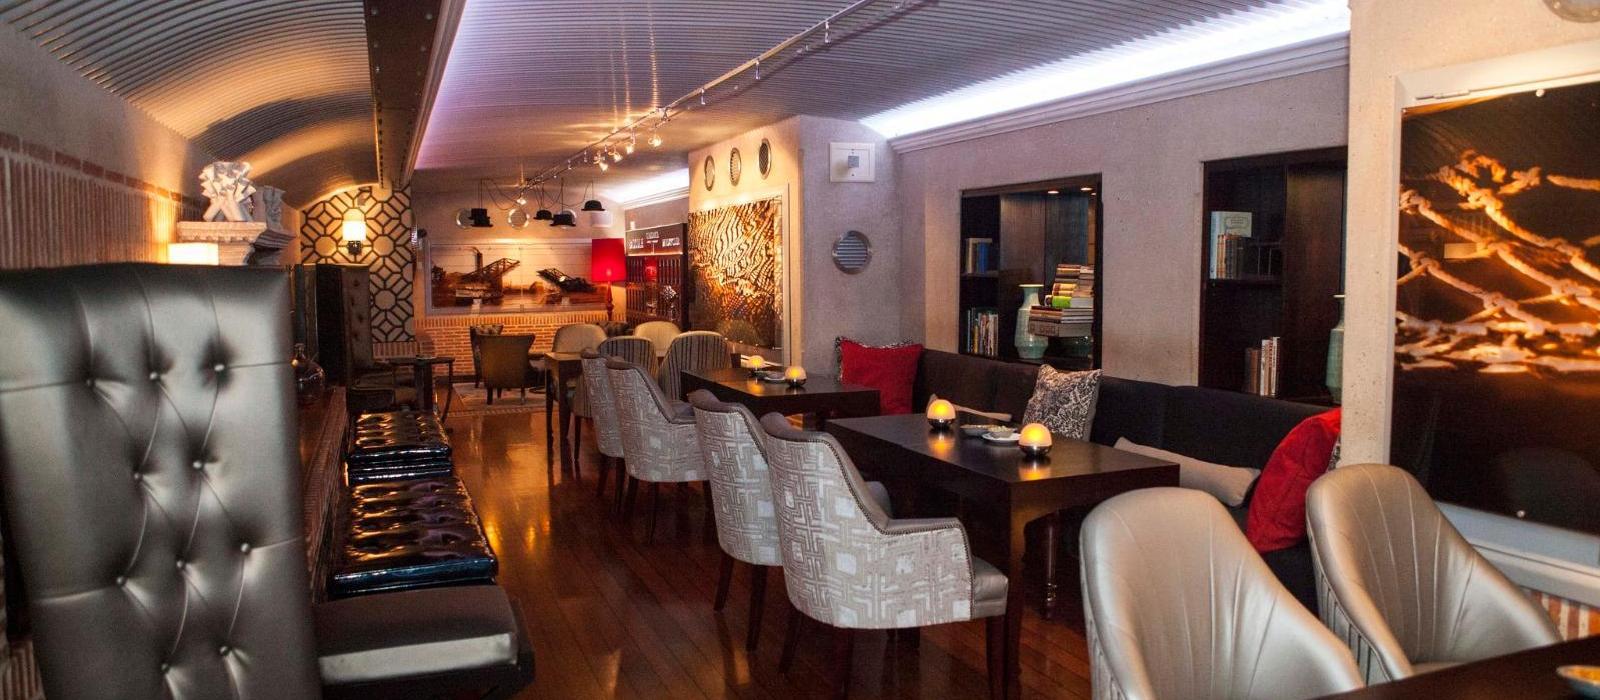 优雅角滨海酒店(Cape Grace) 图片  www.lhw.cn